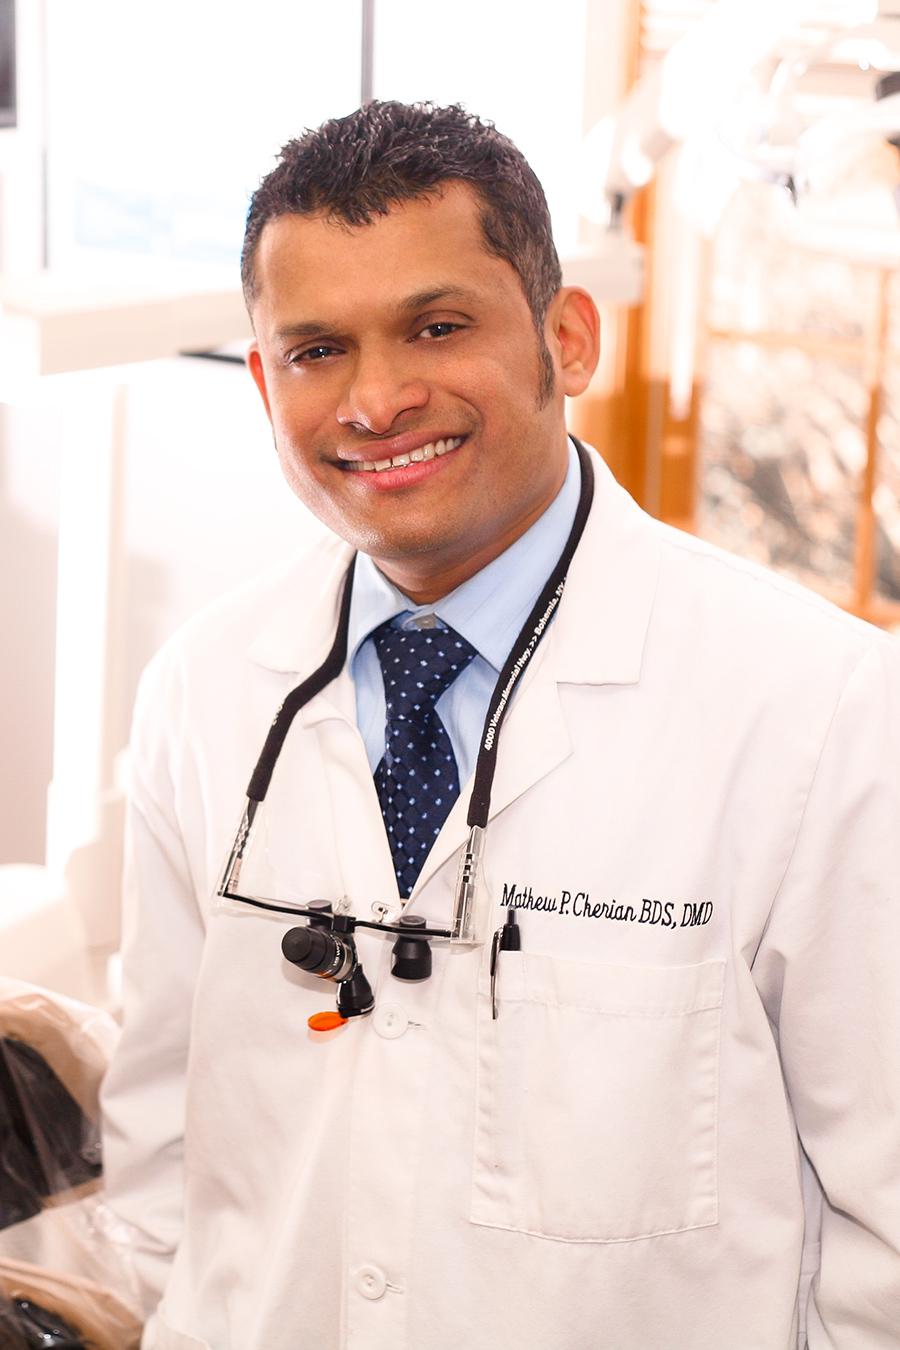 Dr Mathew Cherian